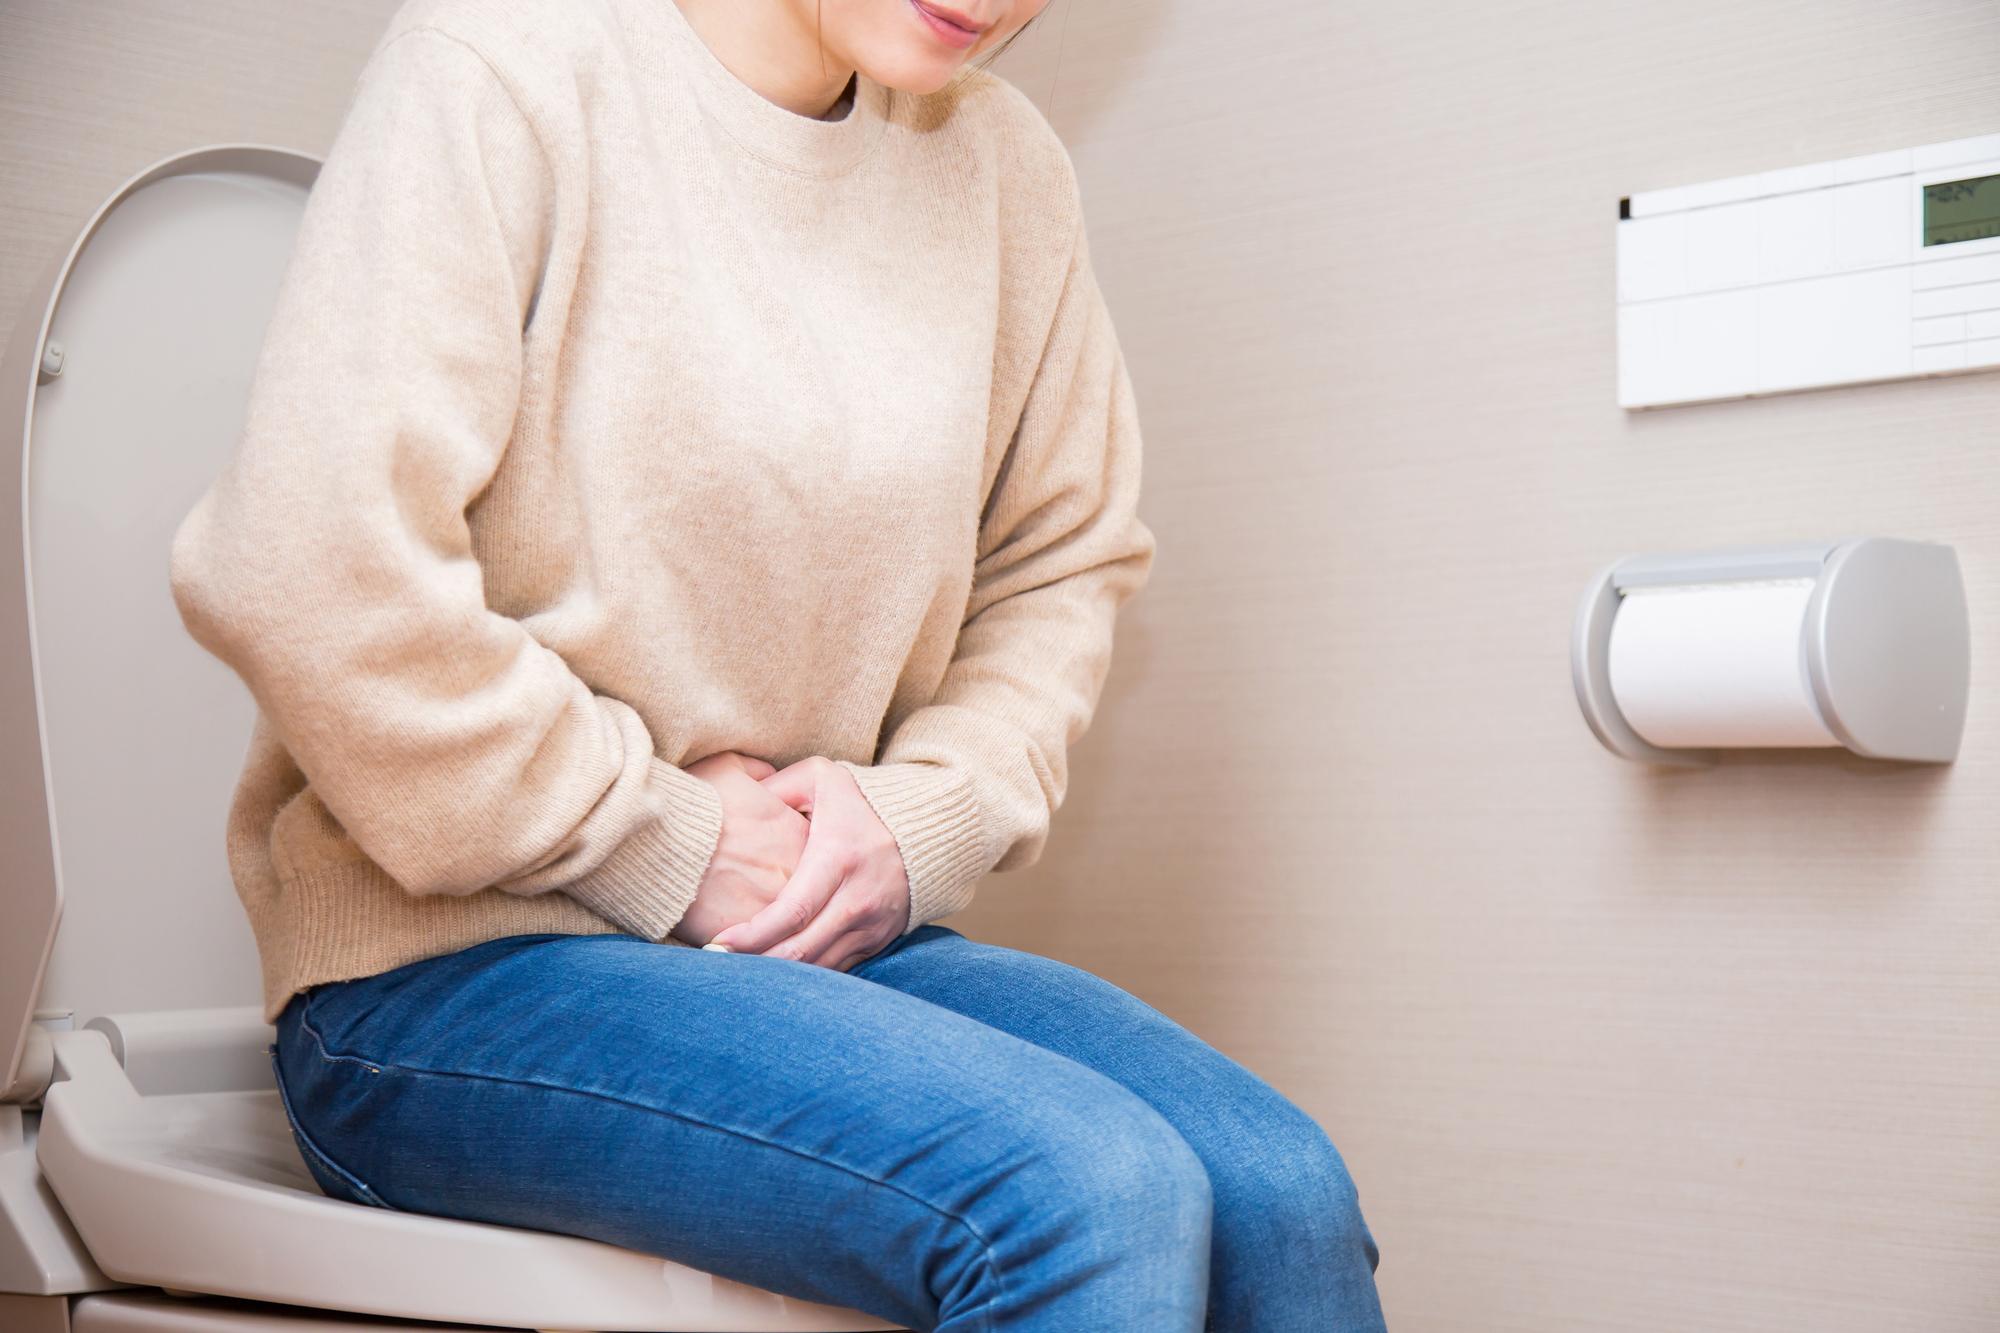 残尿感 女性